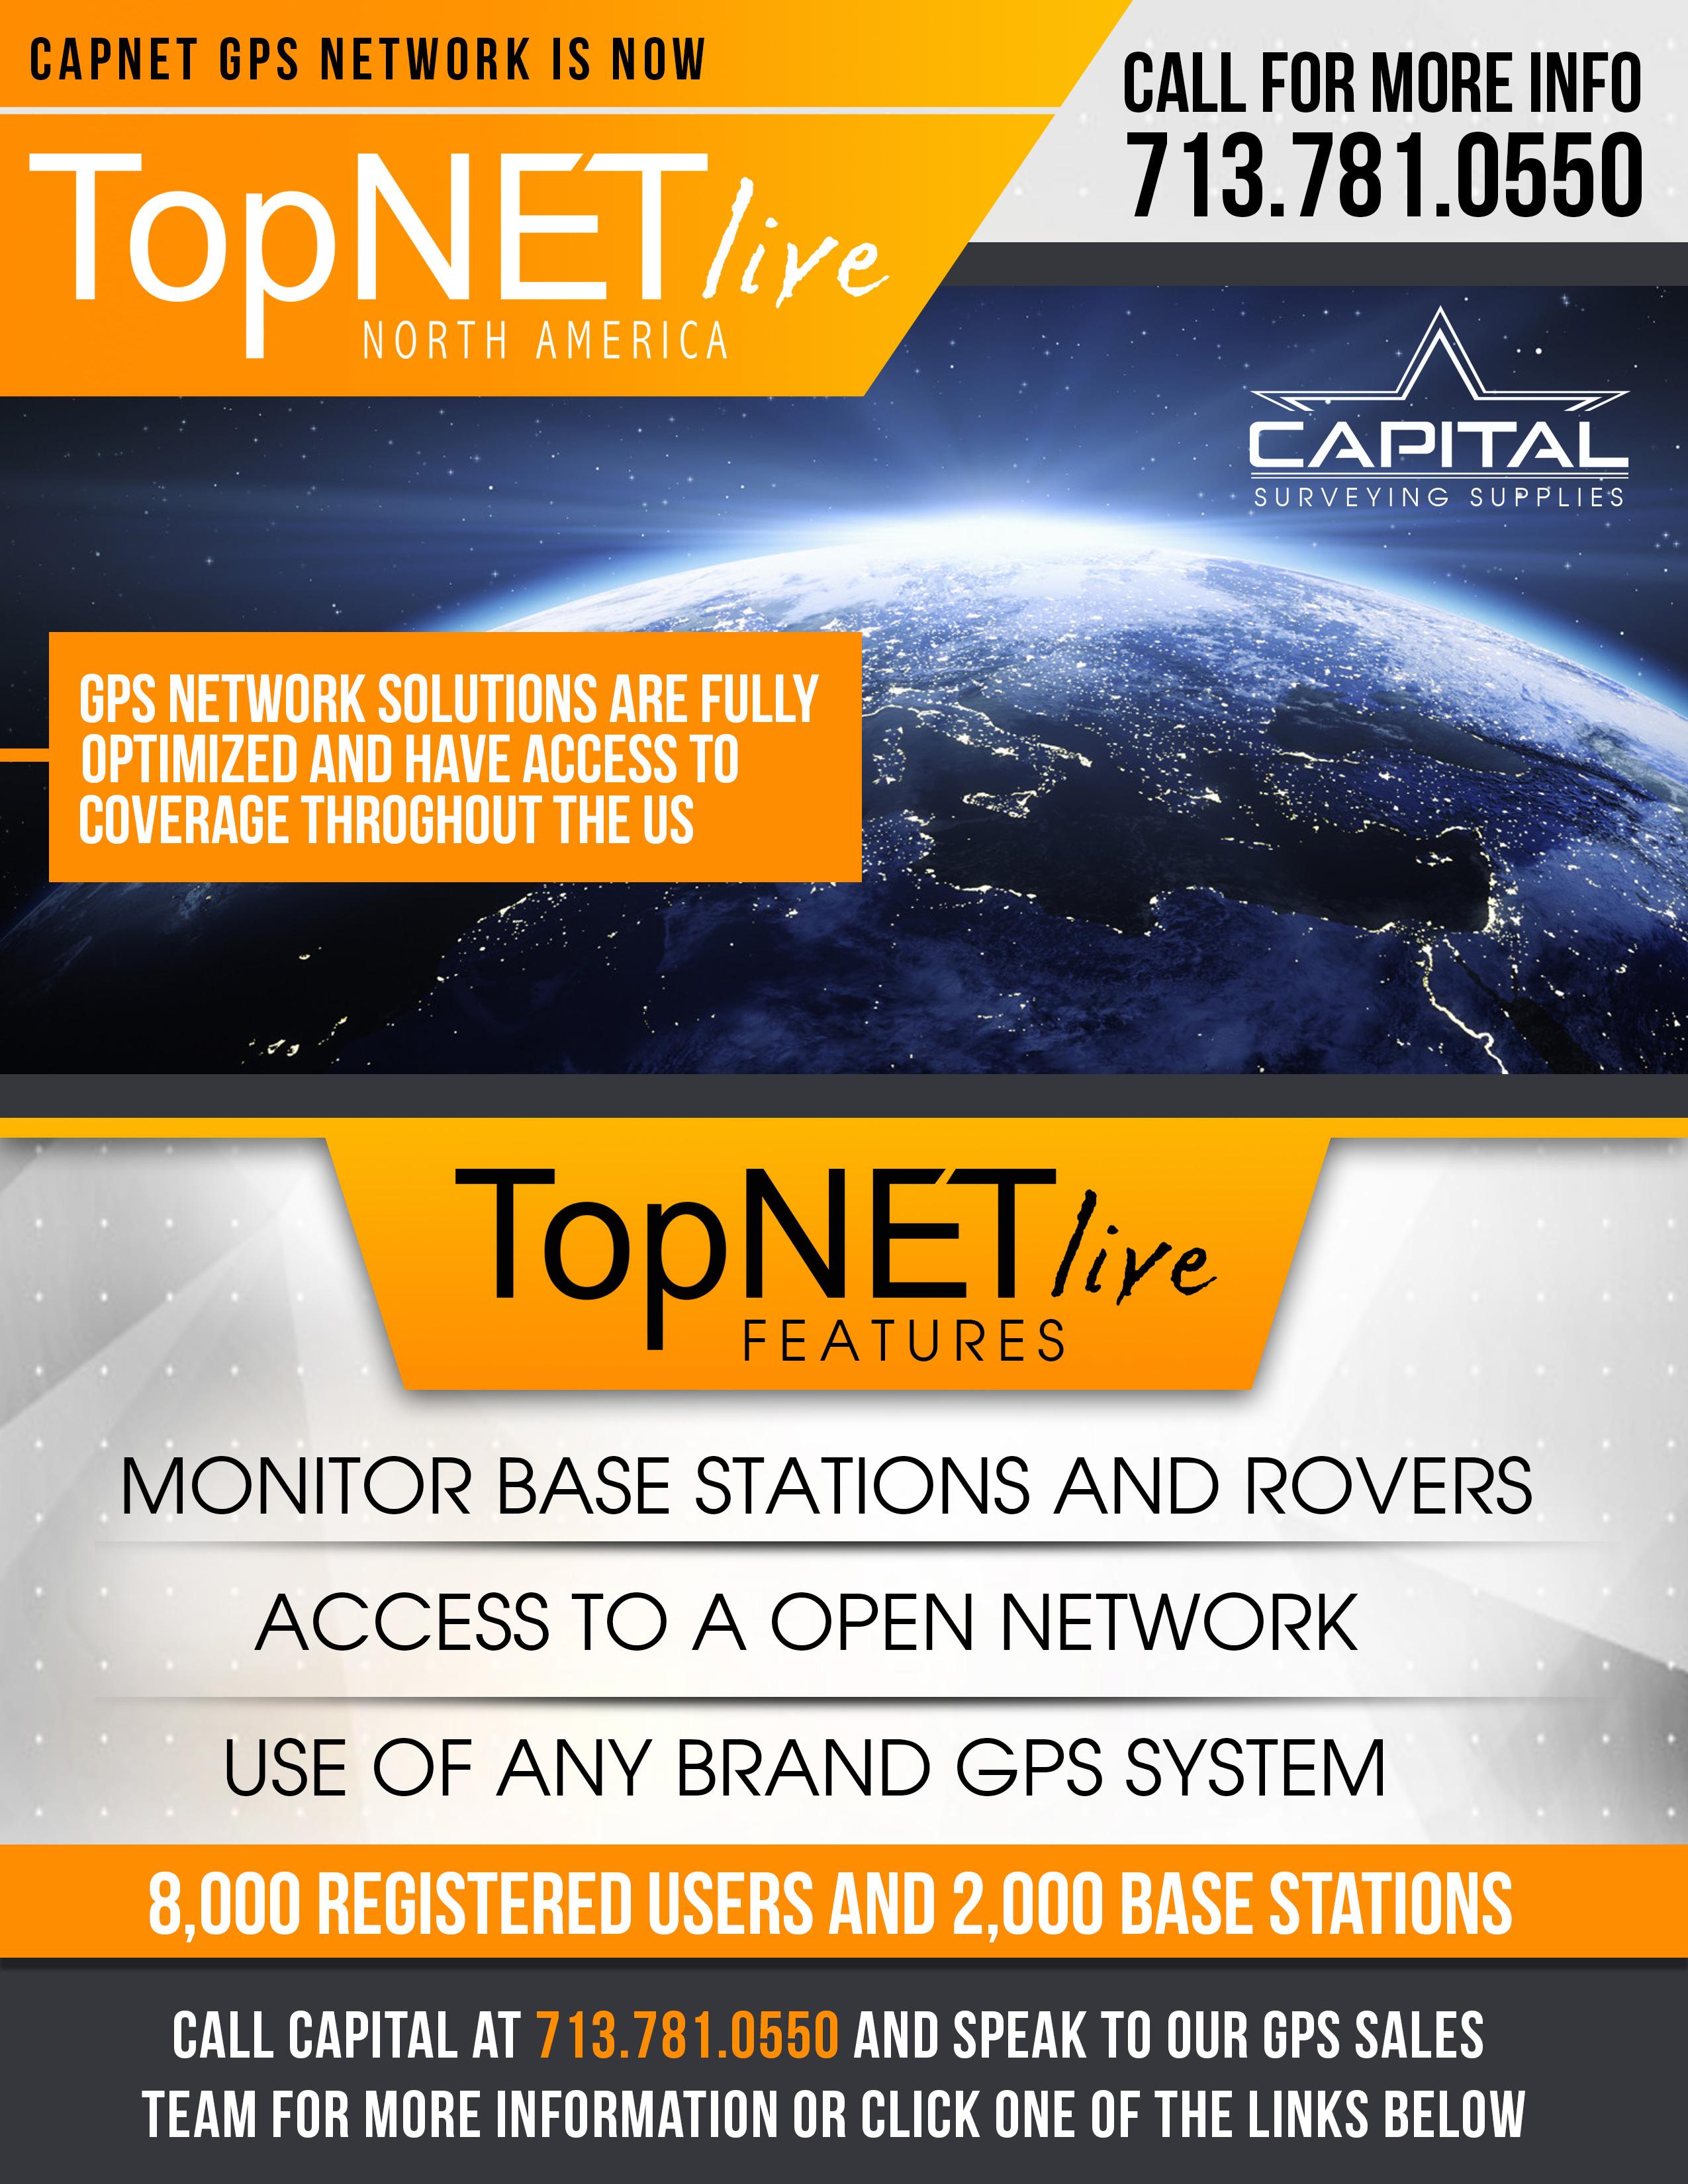 topnet-live.jpg